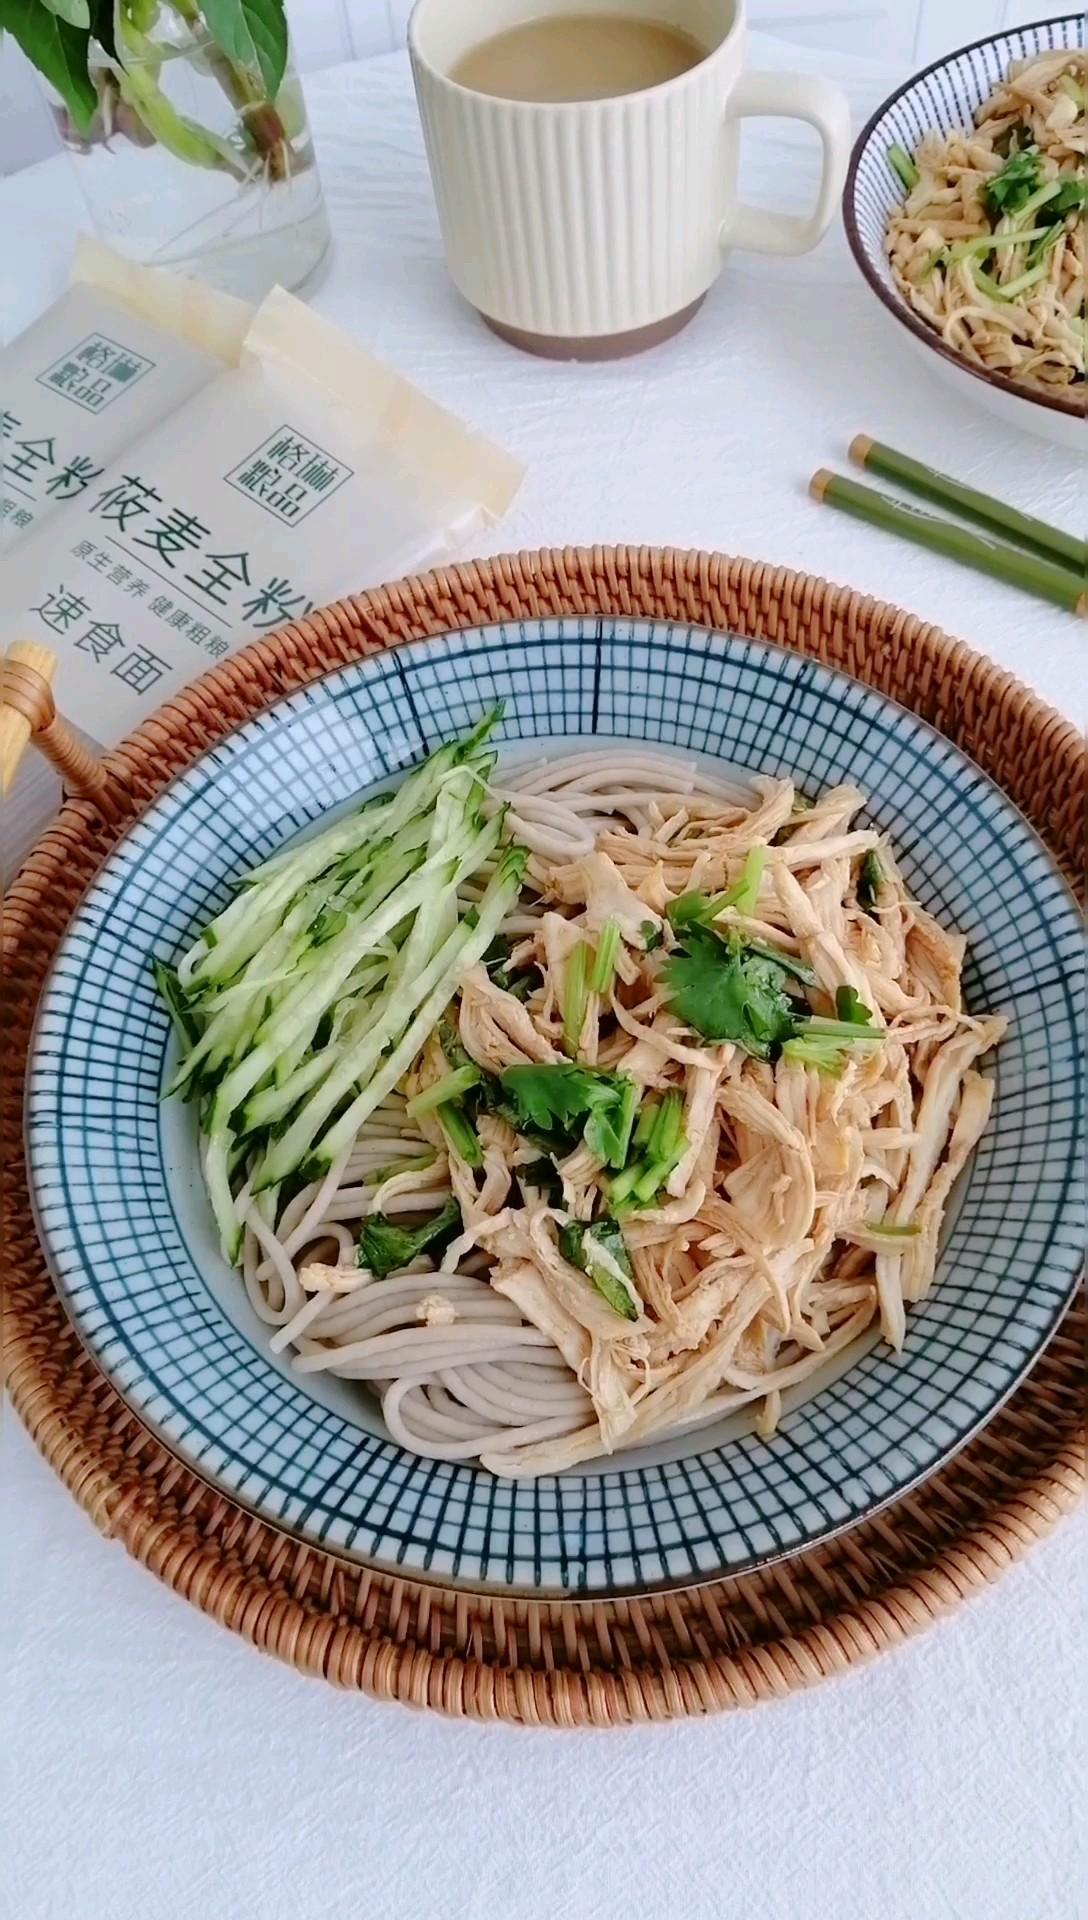 低脂低卡健康主食,手撕鸡拌莜麦面的做法